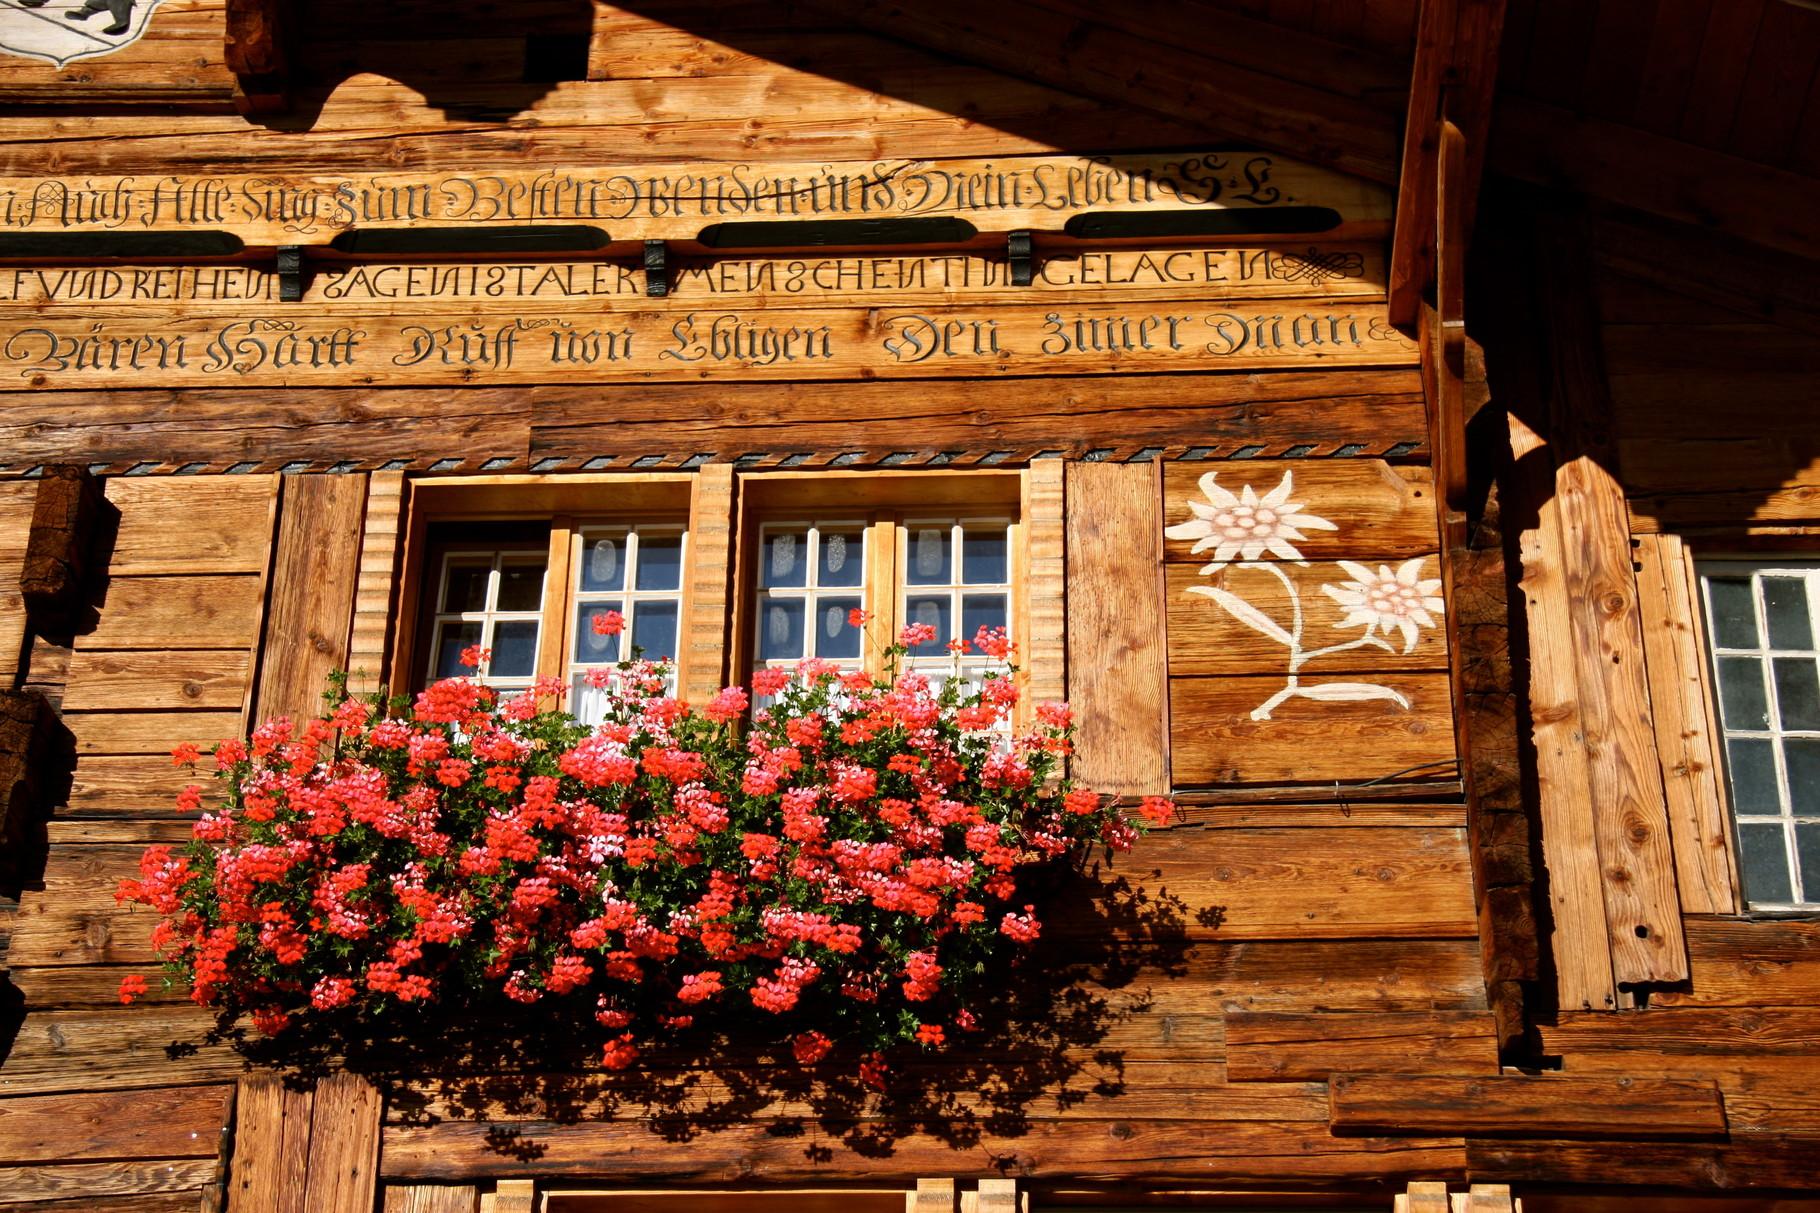 L'hôtel est une maison typique de l'Oberland Bernois